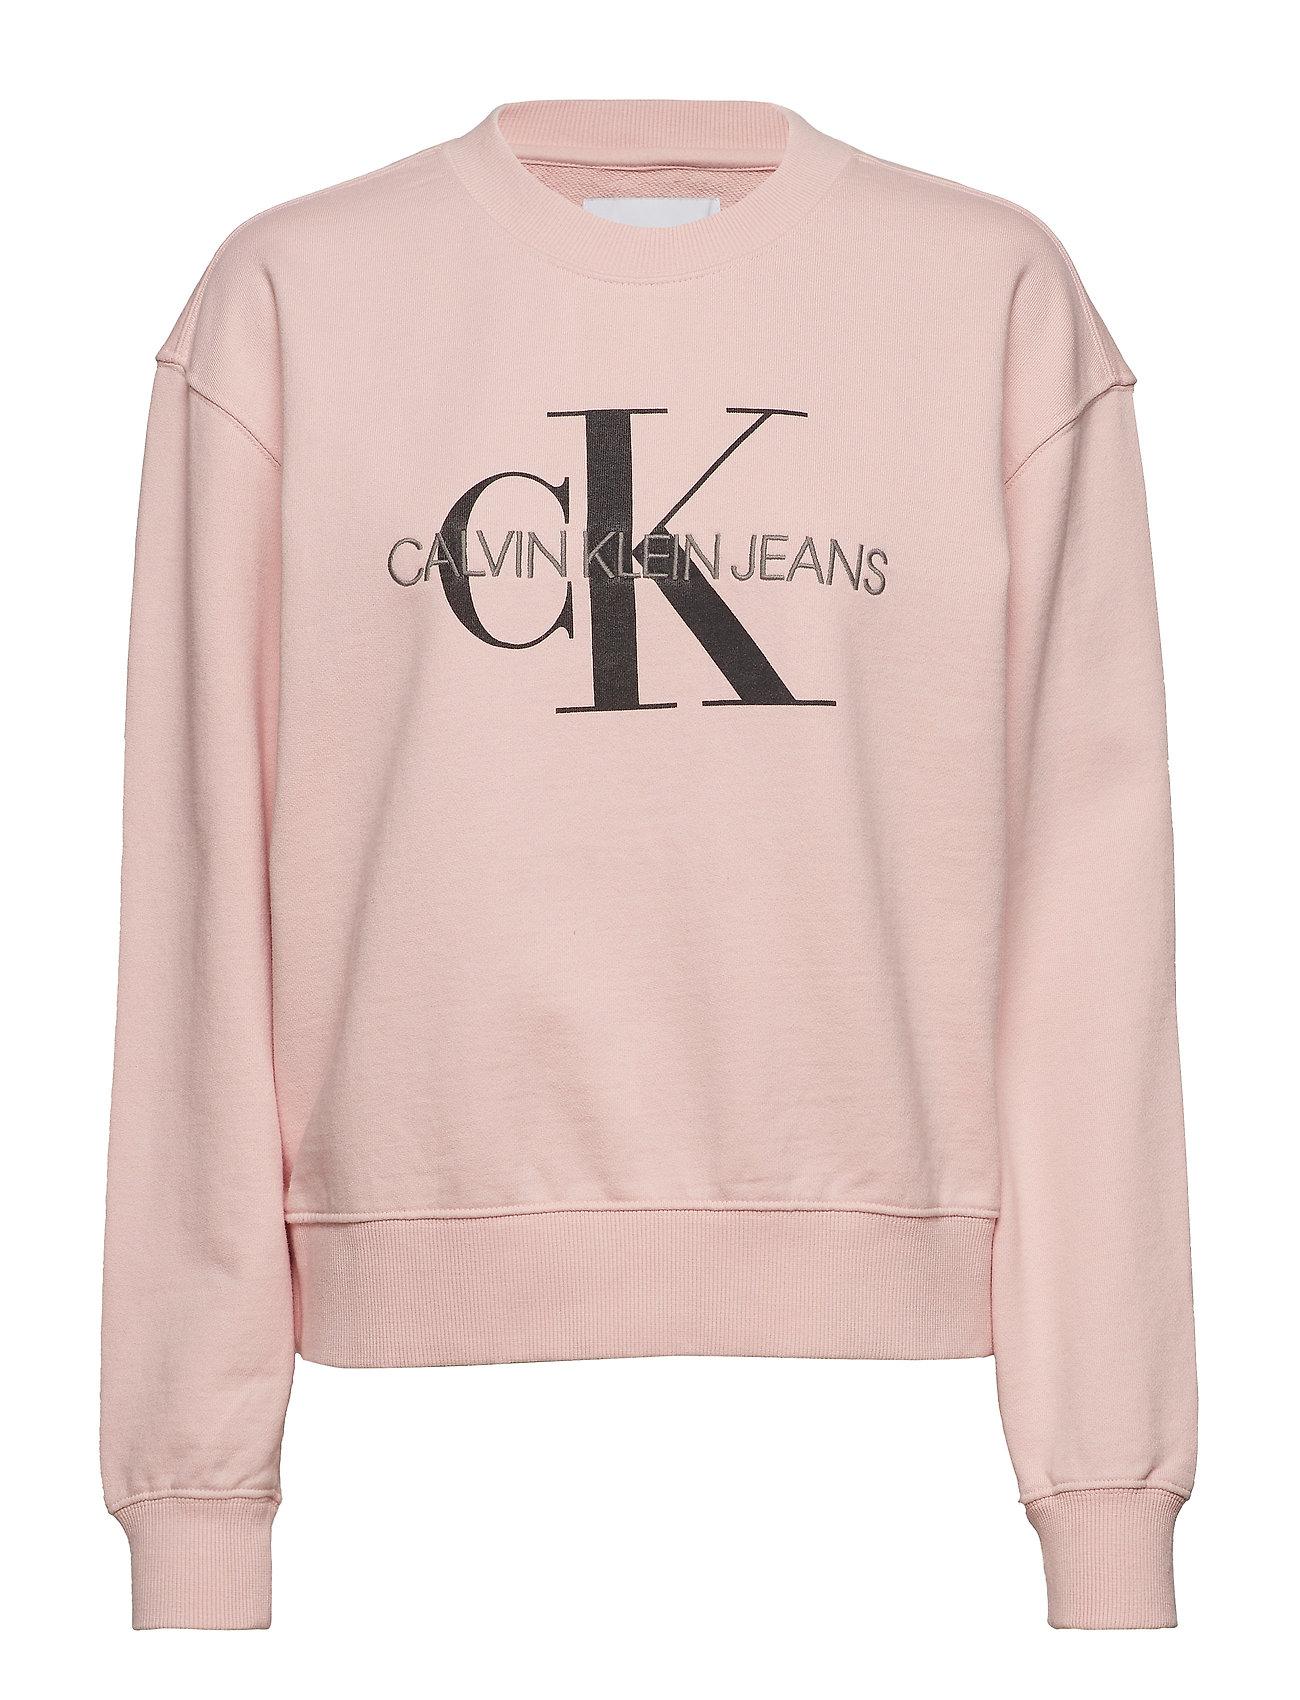 Calvin Klein Jeans MONOGRAM WASHED CREW NECK